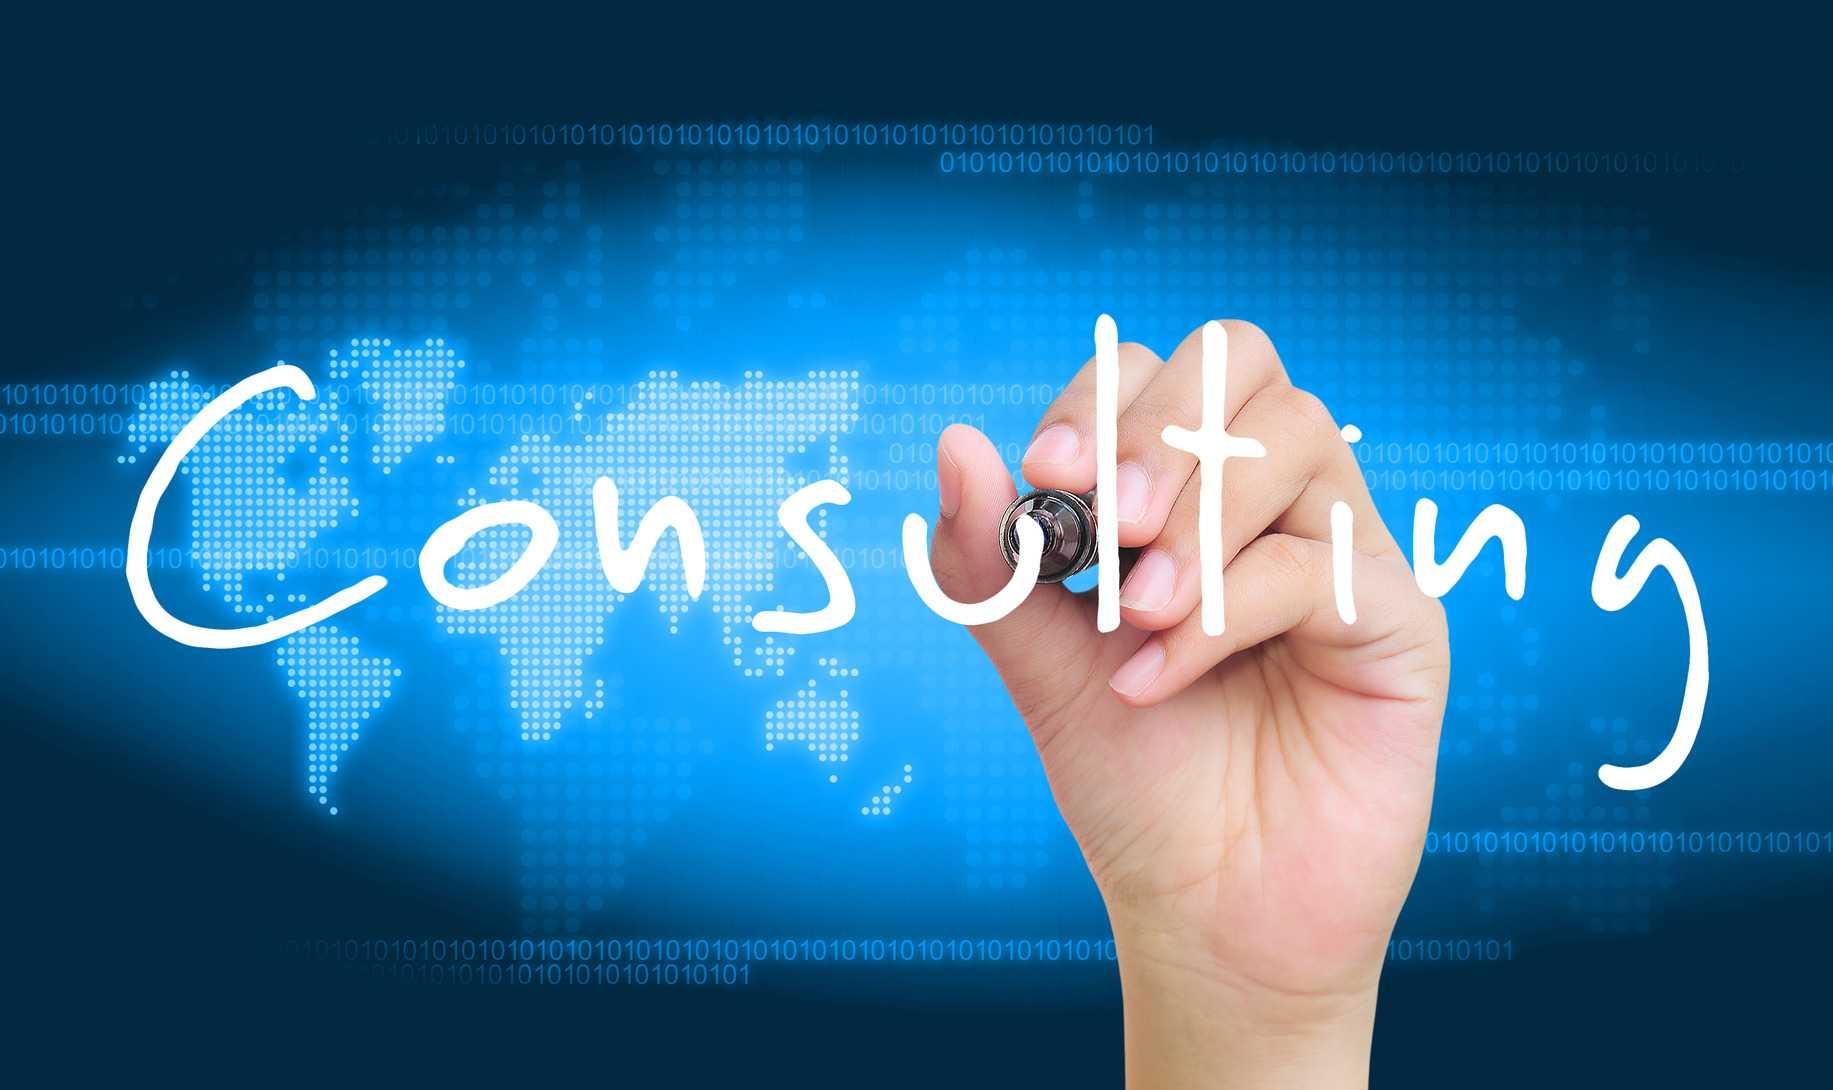 Блокчейн открывает новые возможности для консалтинга по всему миру